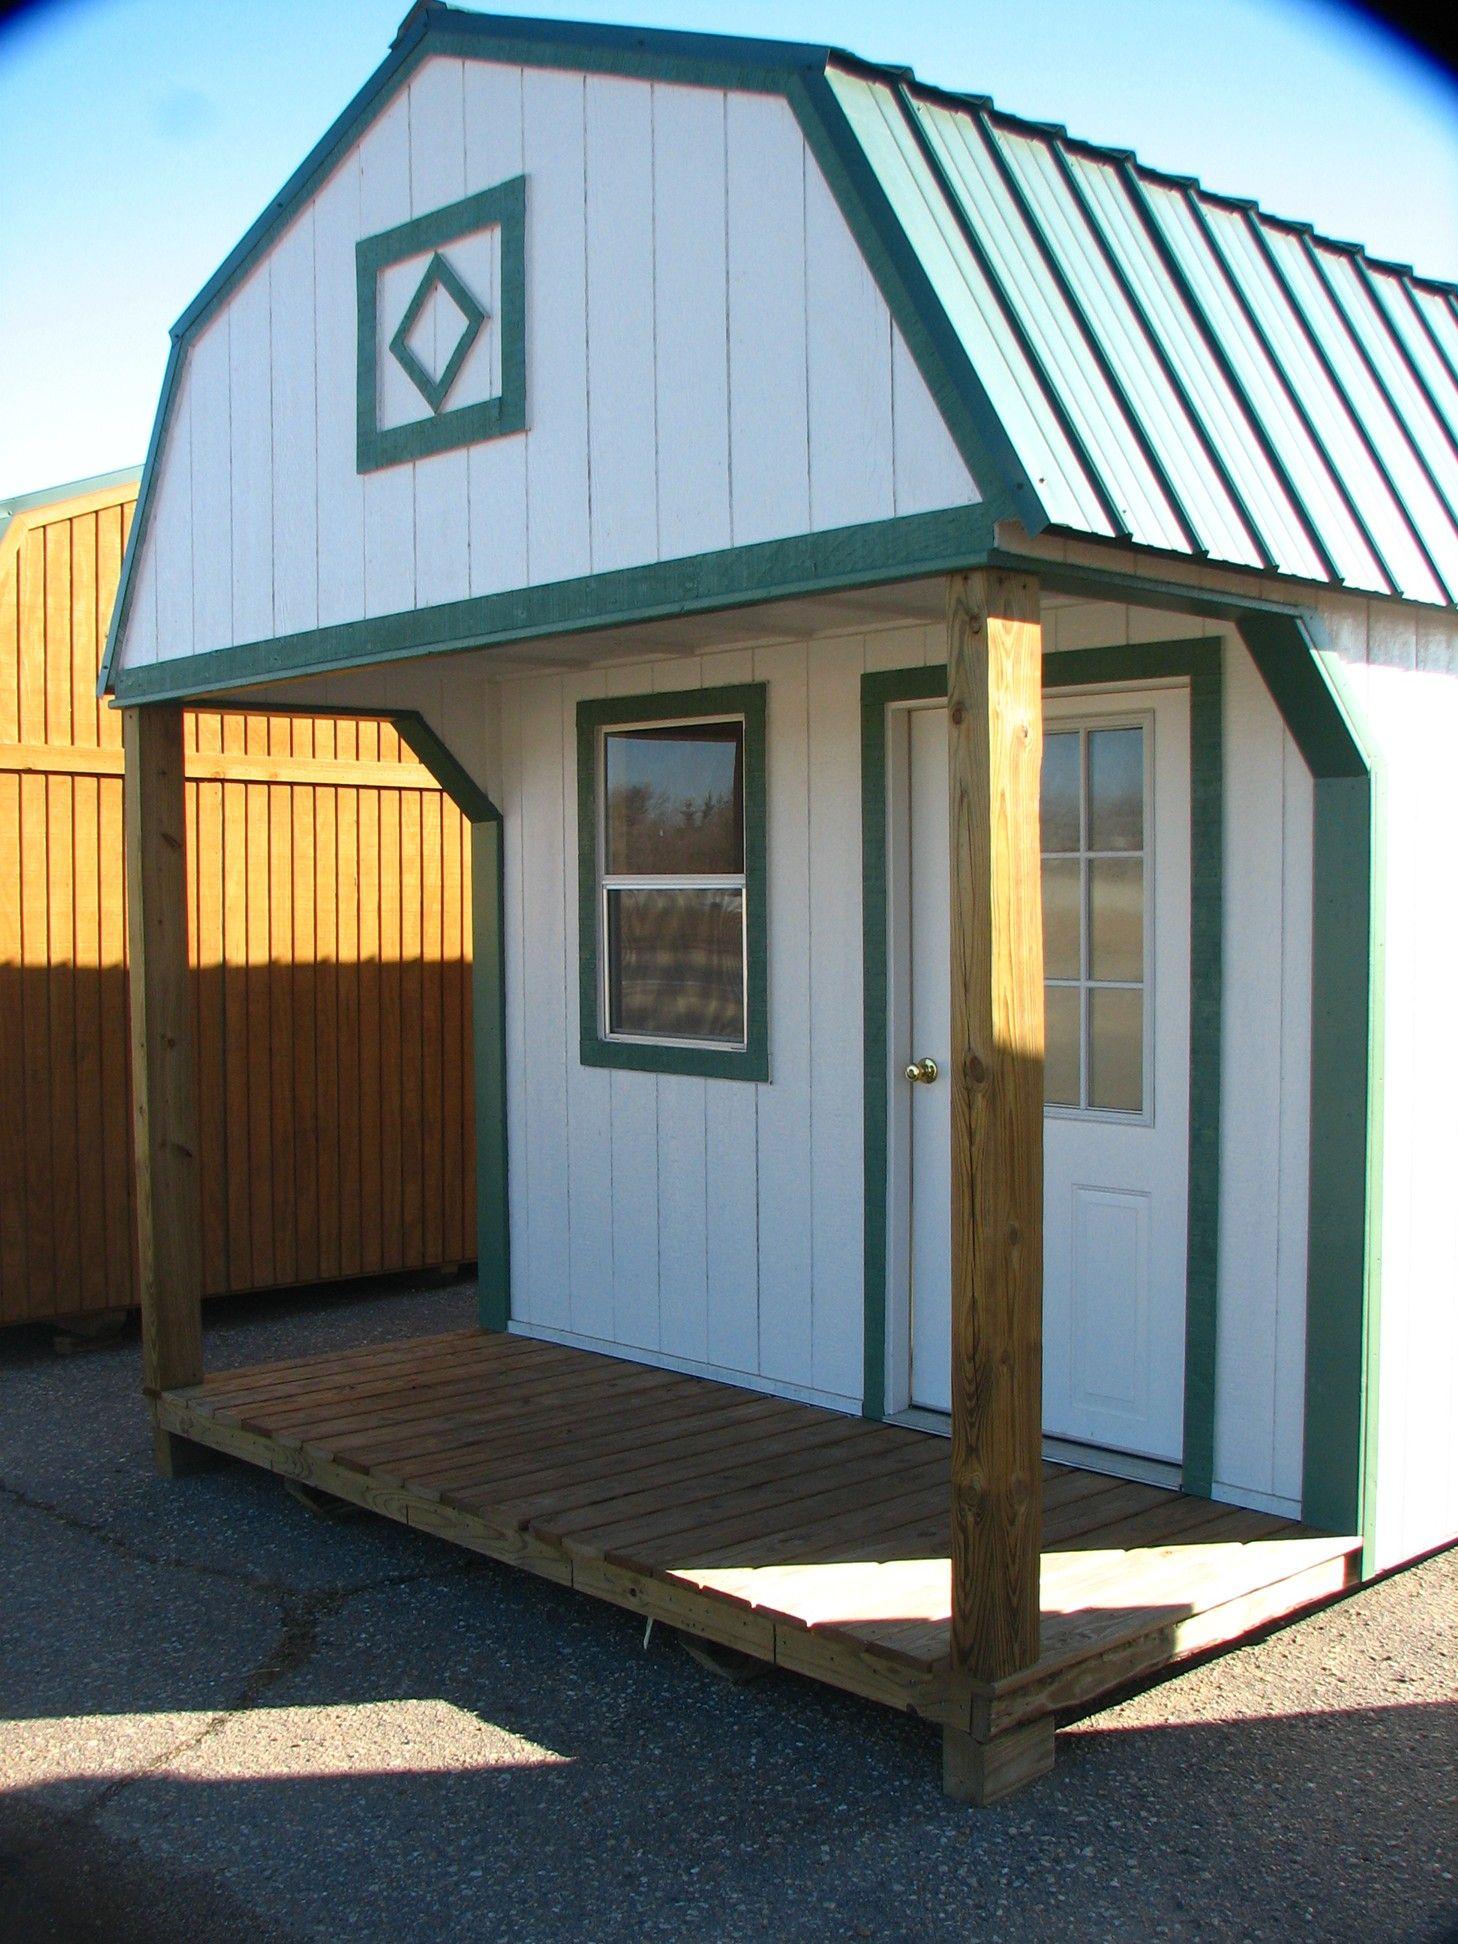 Better Built Portable Buildings Porch Storage Portable Storage Buildings Shed With Loft